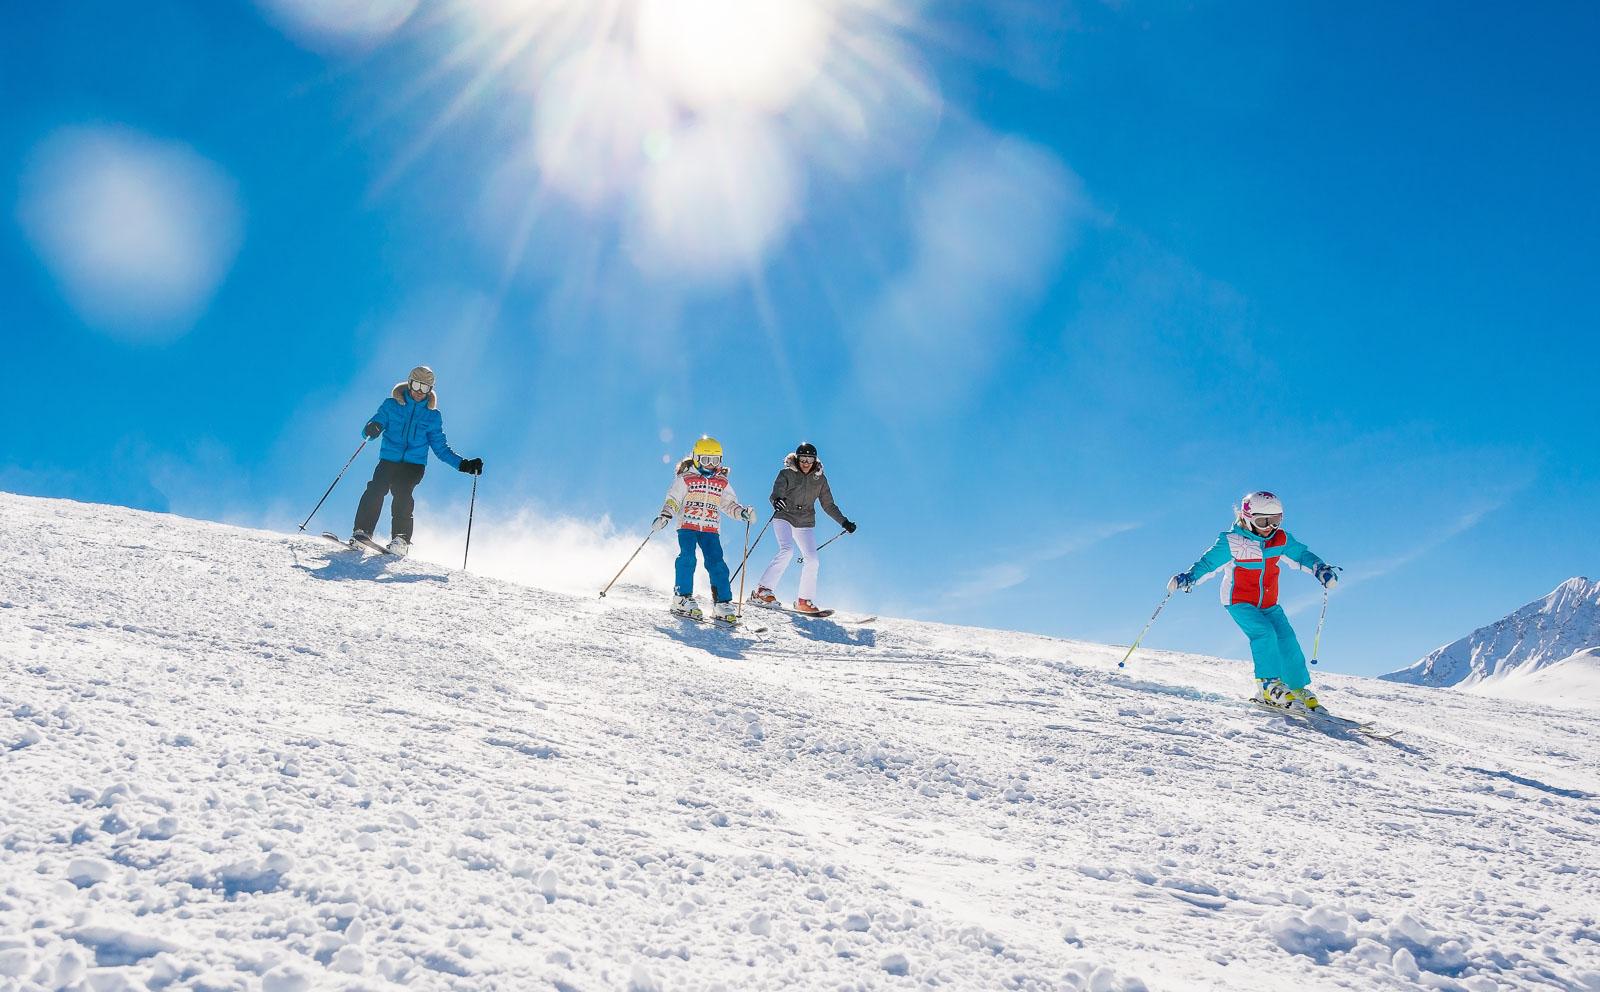 billig ski i påsken